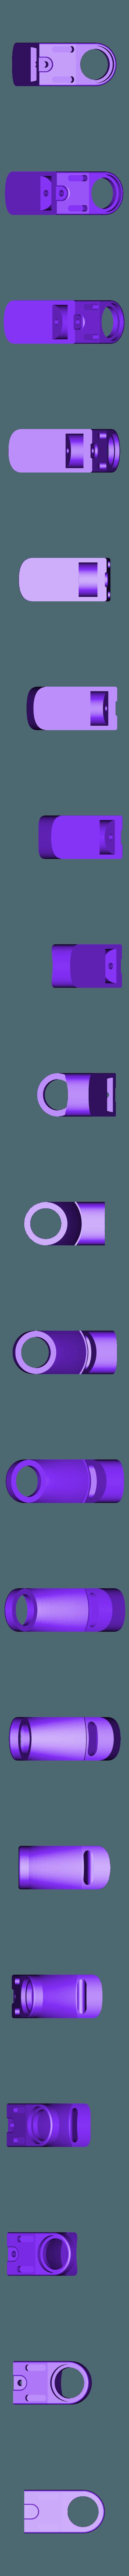 VSupport_Holder_577.stl Download free STL file Vertical support for dremel • Object to 3D print, Jicede71